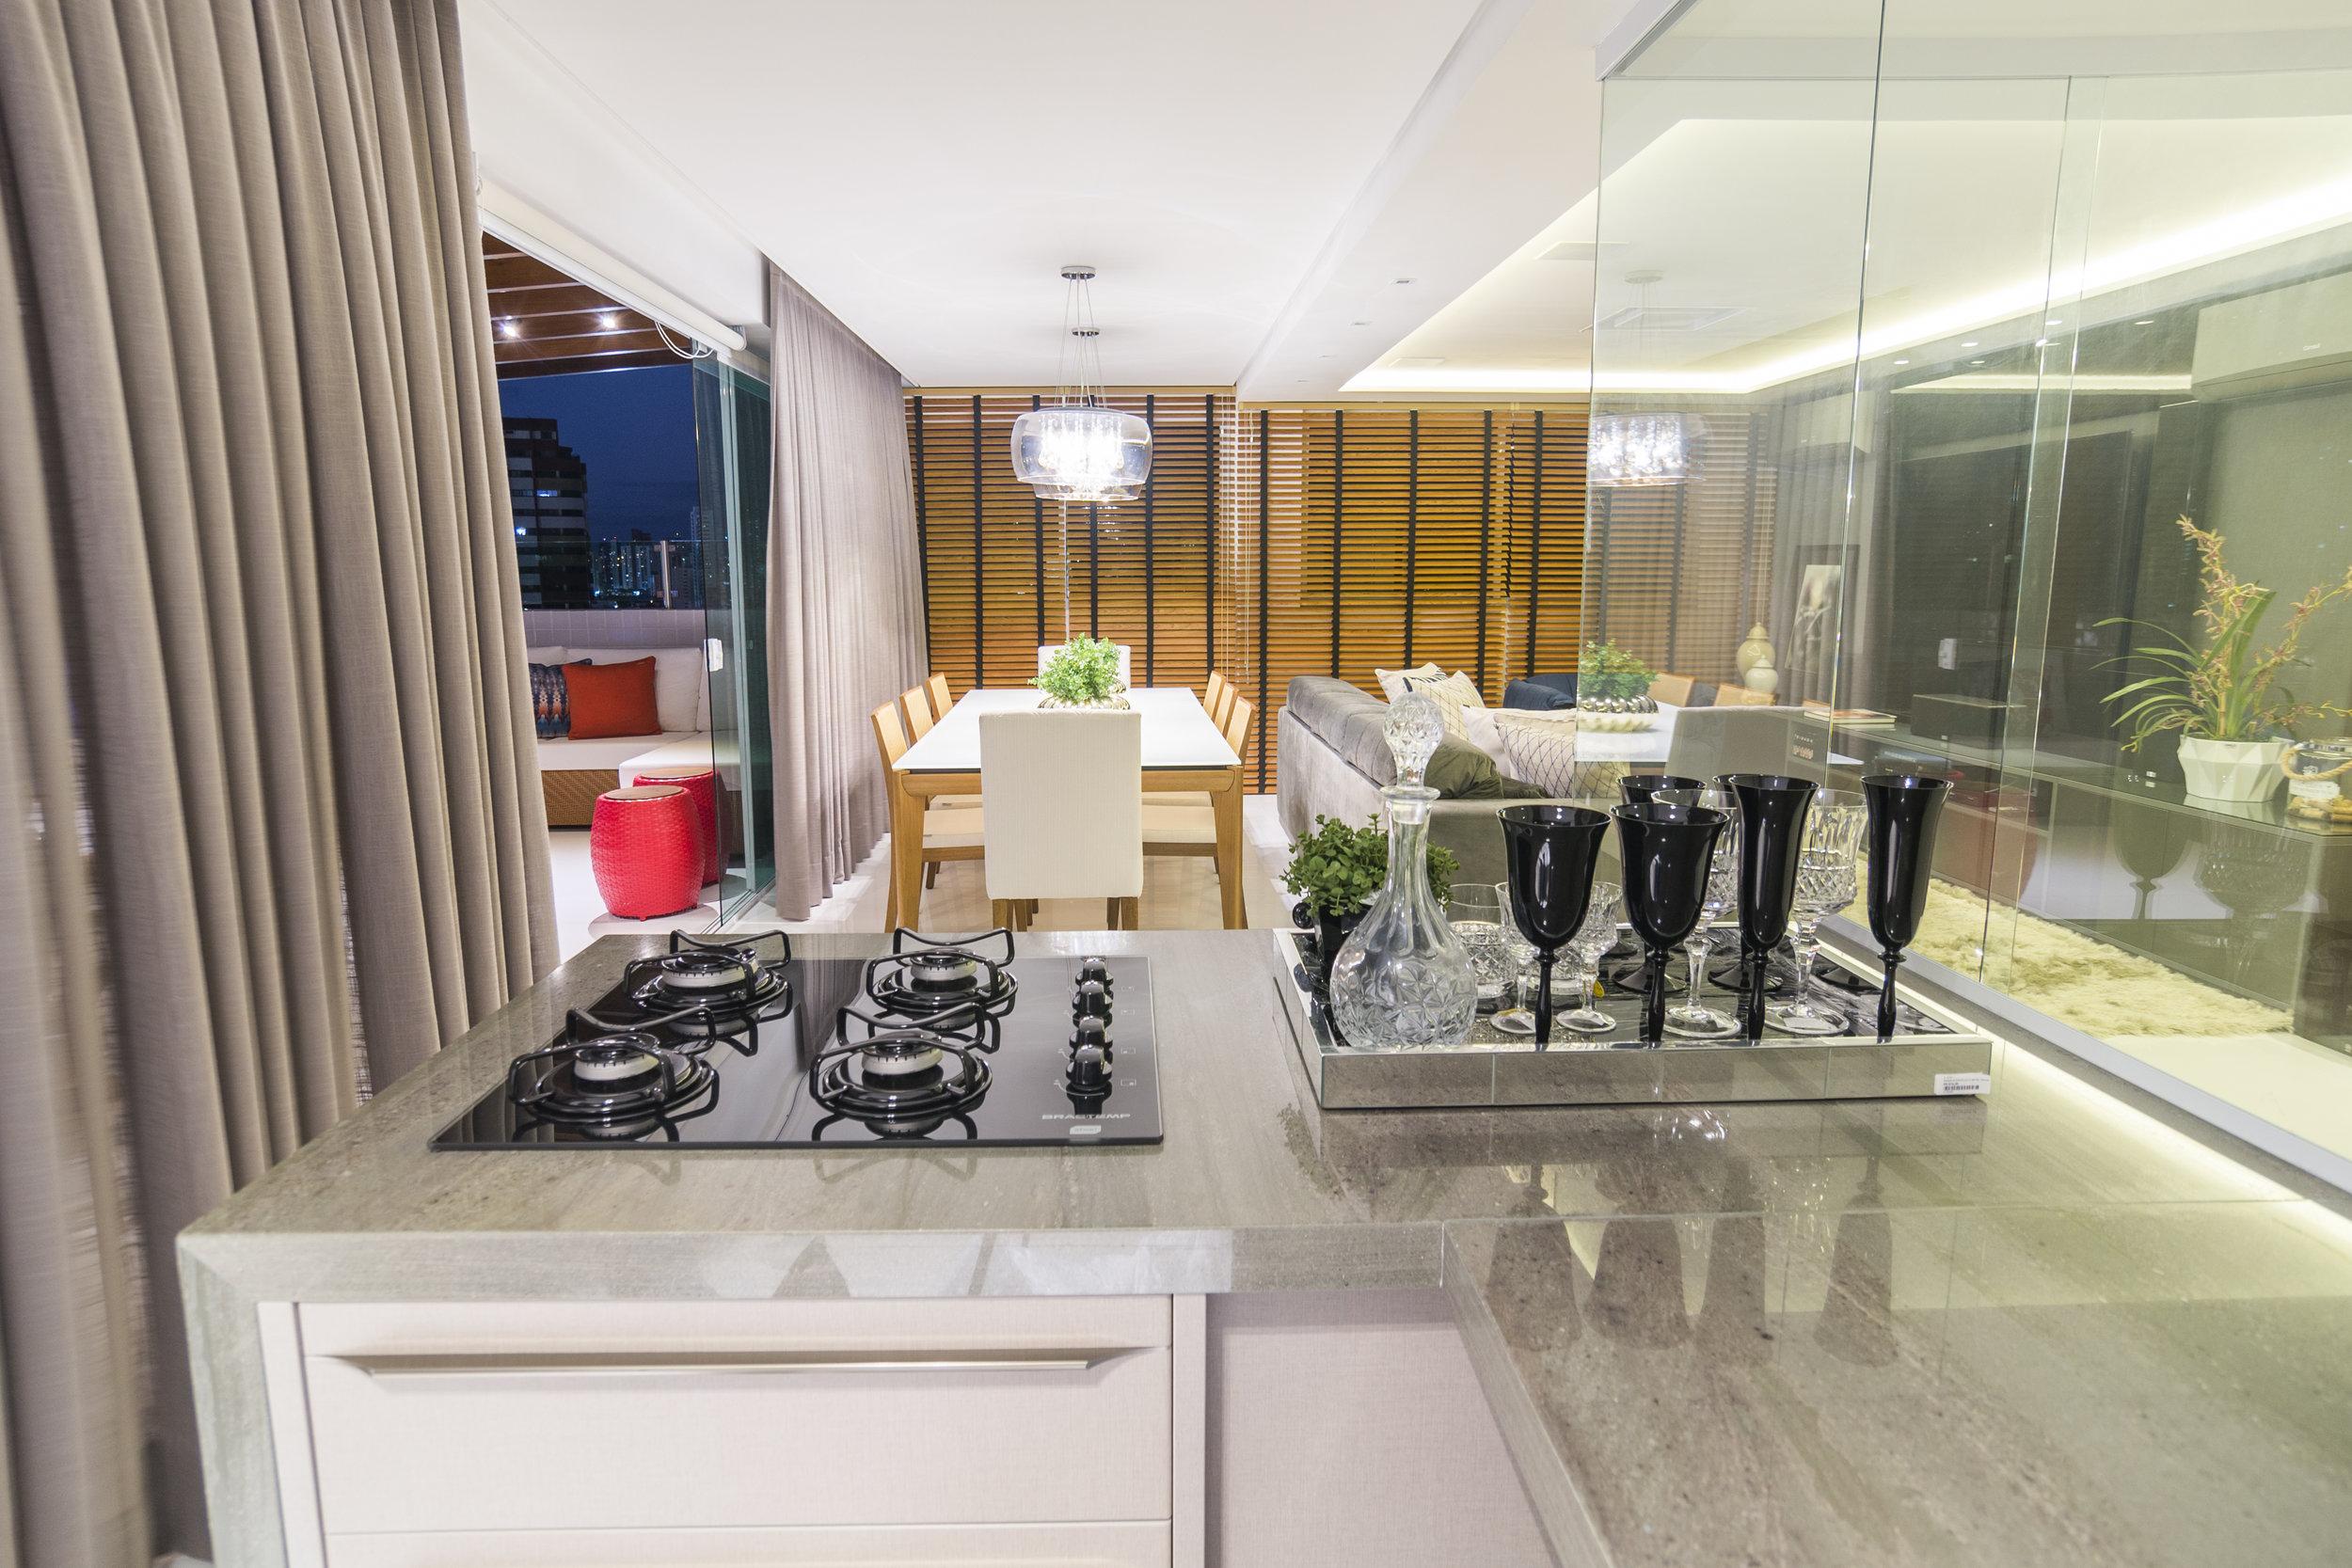 projeto-arquitetonico-robertoindira-duo-arquitetura-apartamentos-gourmet-013.jpg